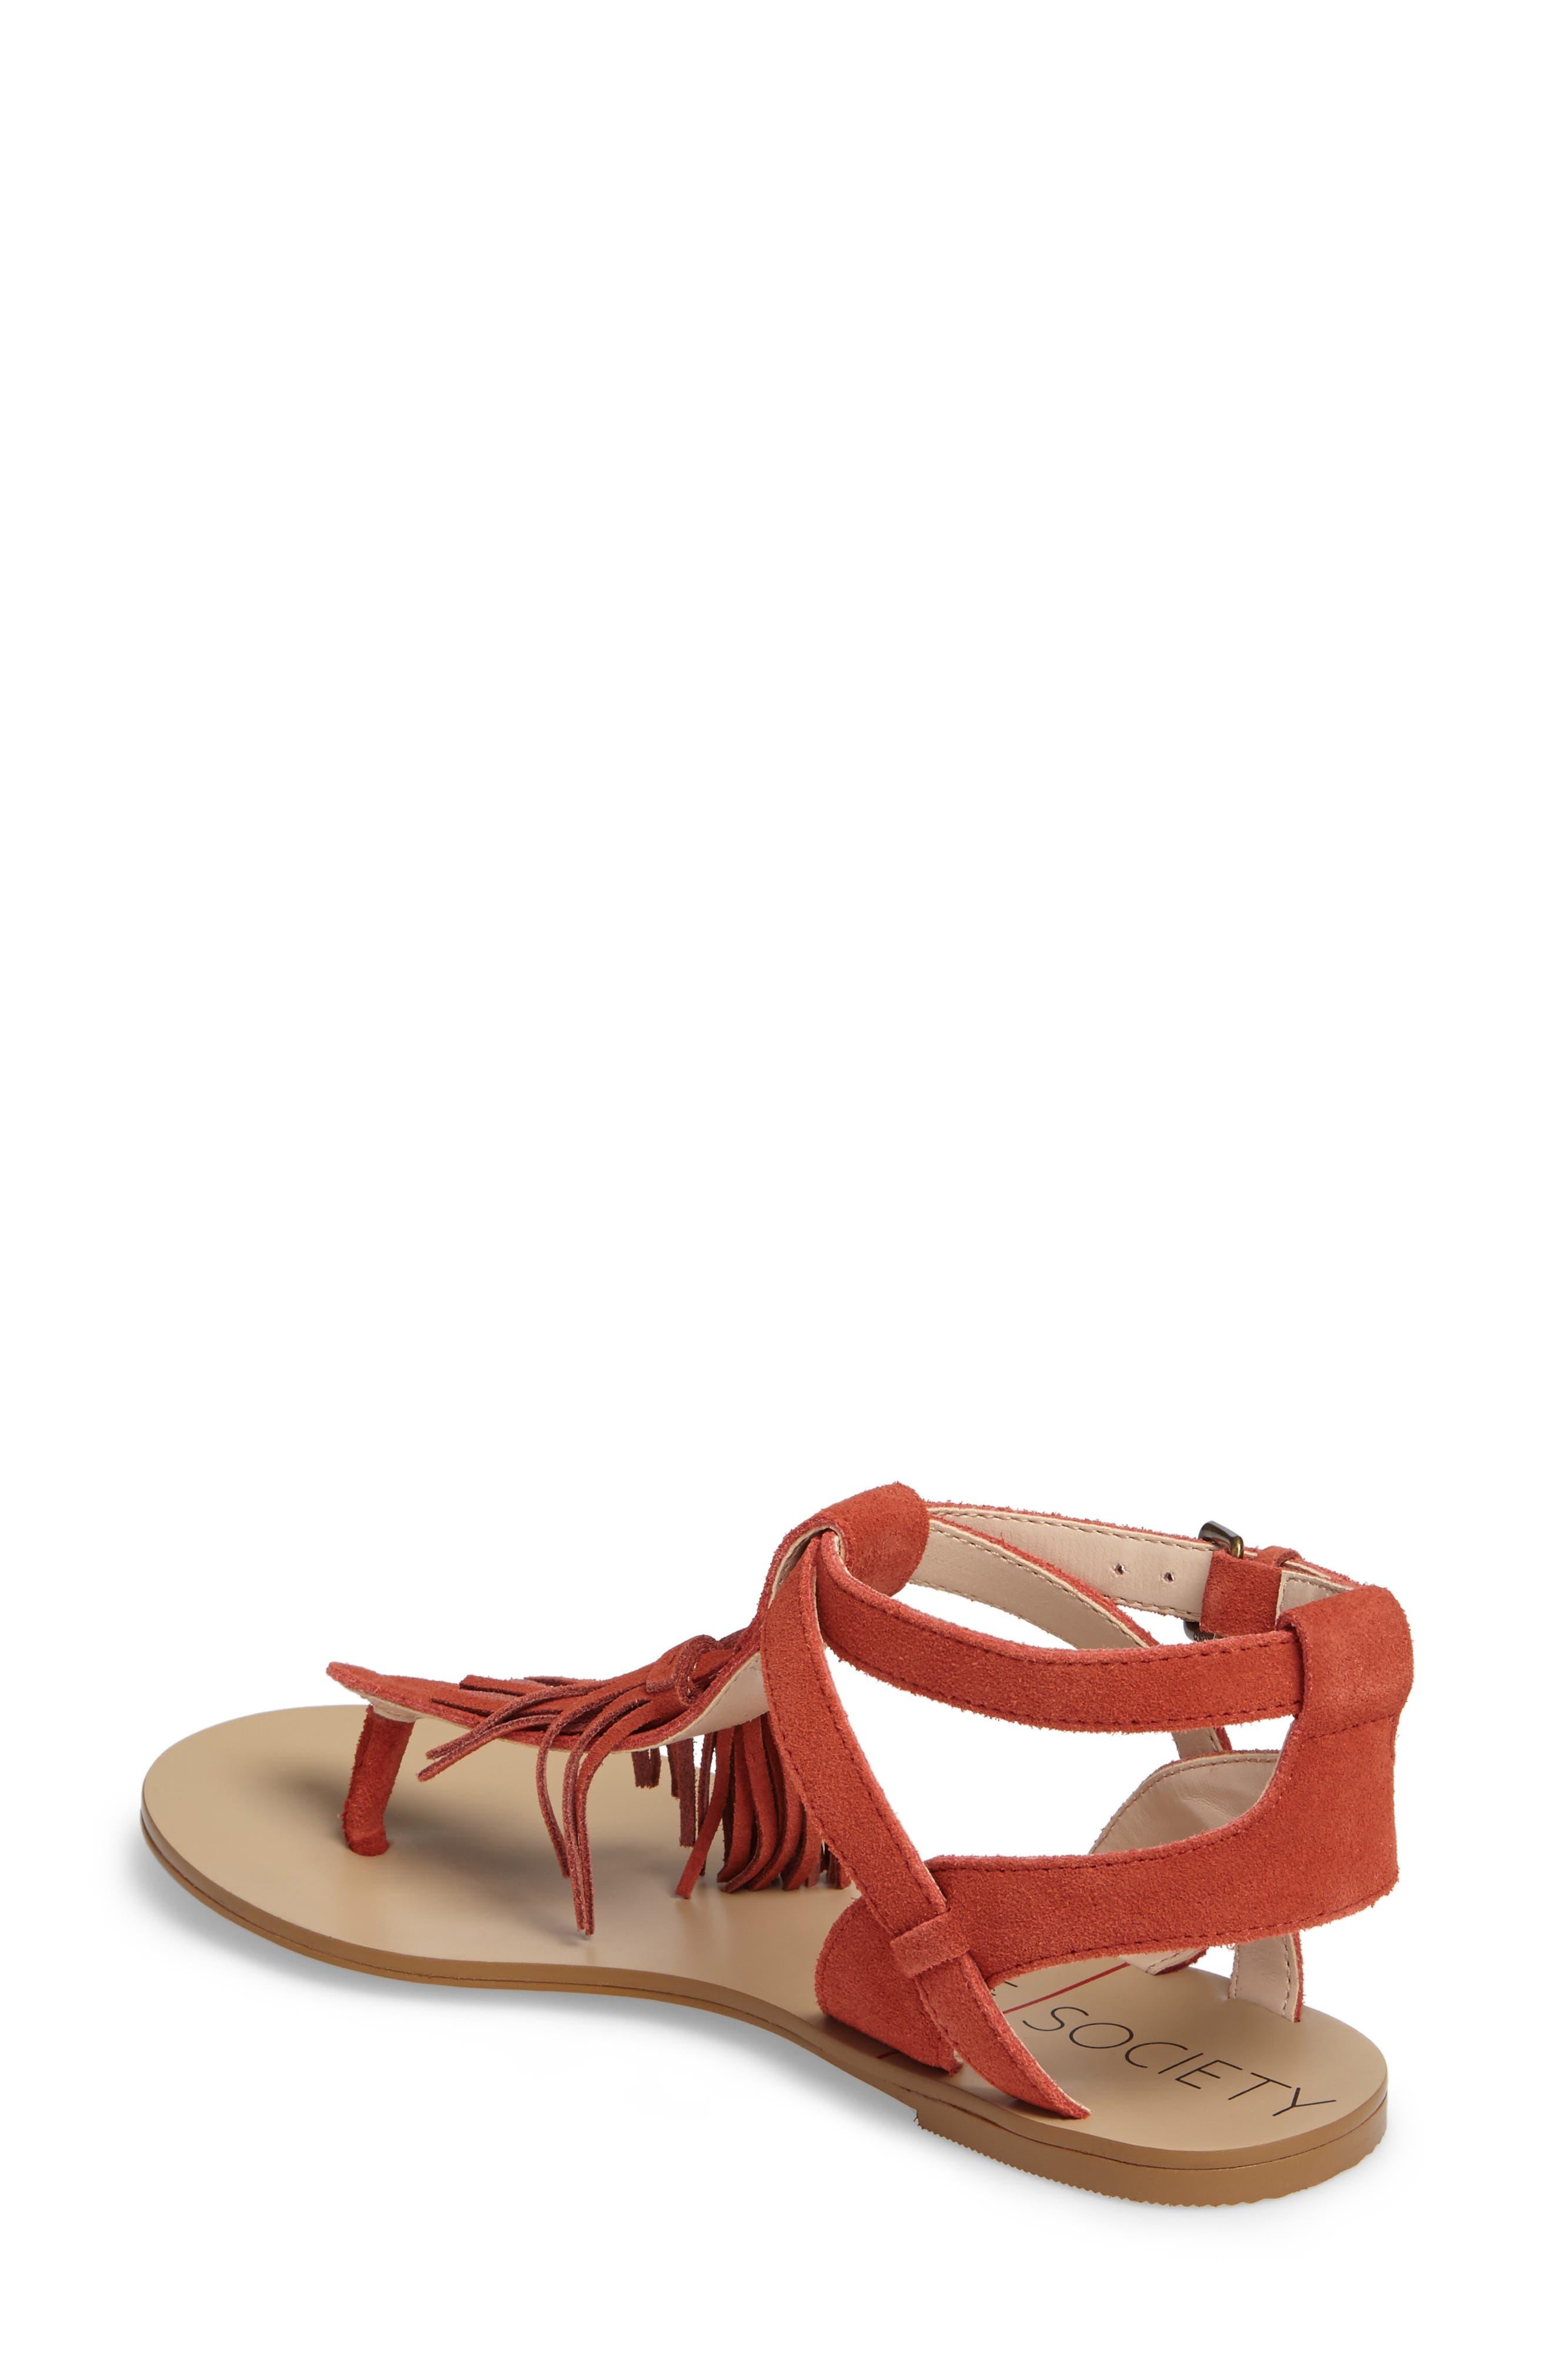 Alternate Image 2  - Sole Society 'Pandora' Fringe Sandal (Women)